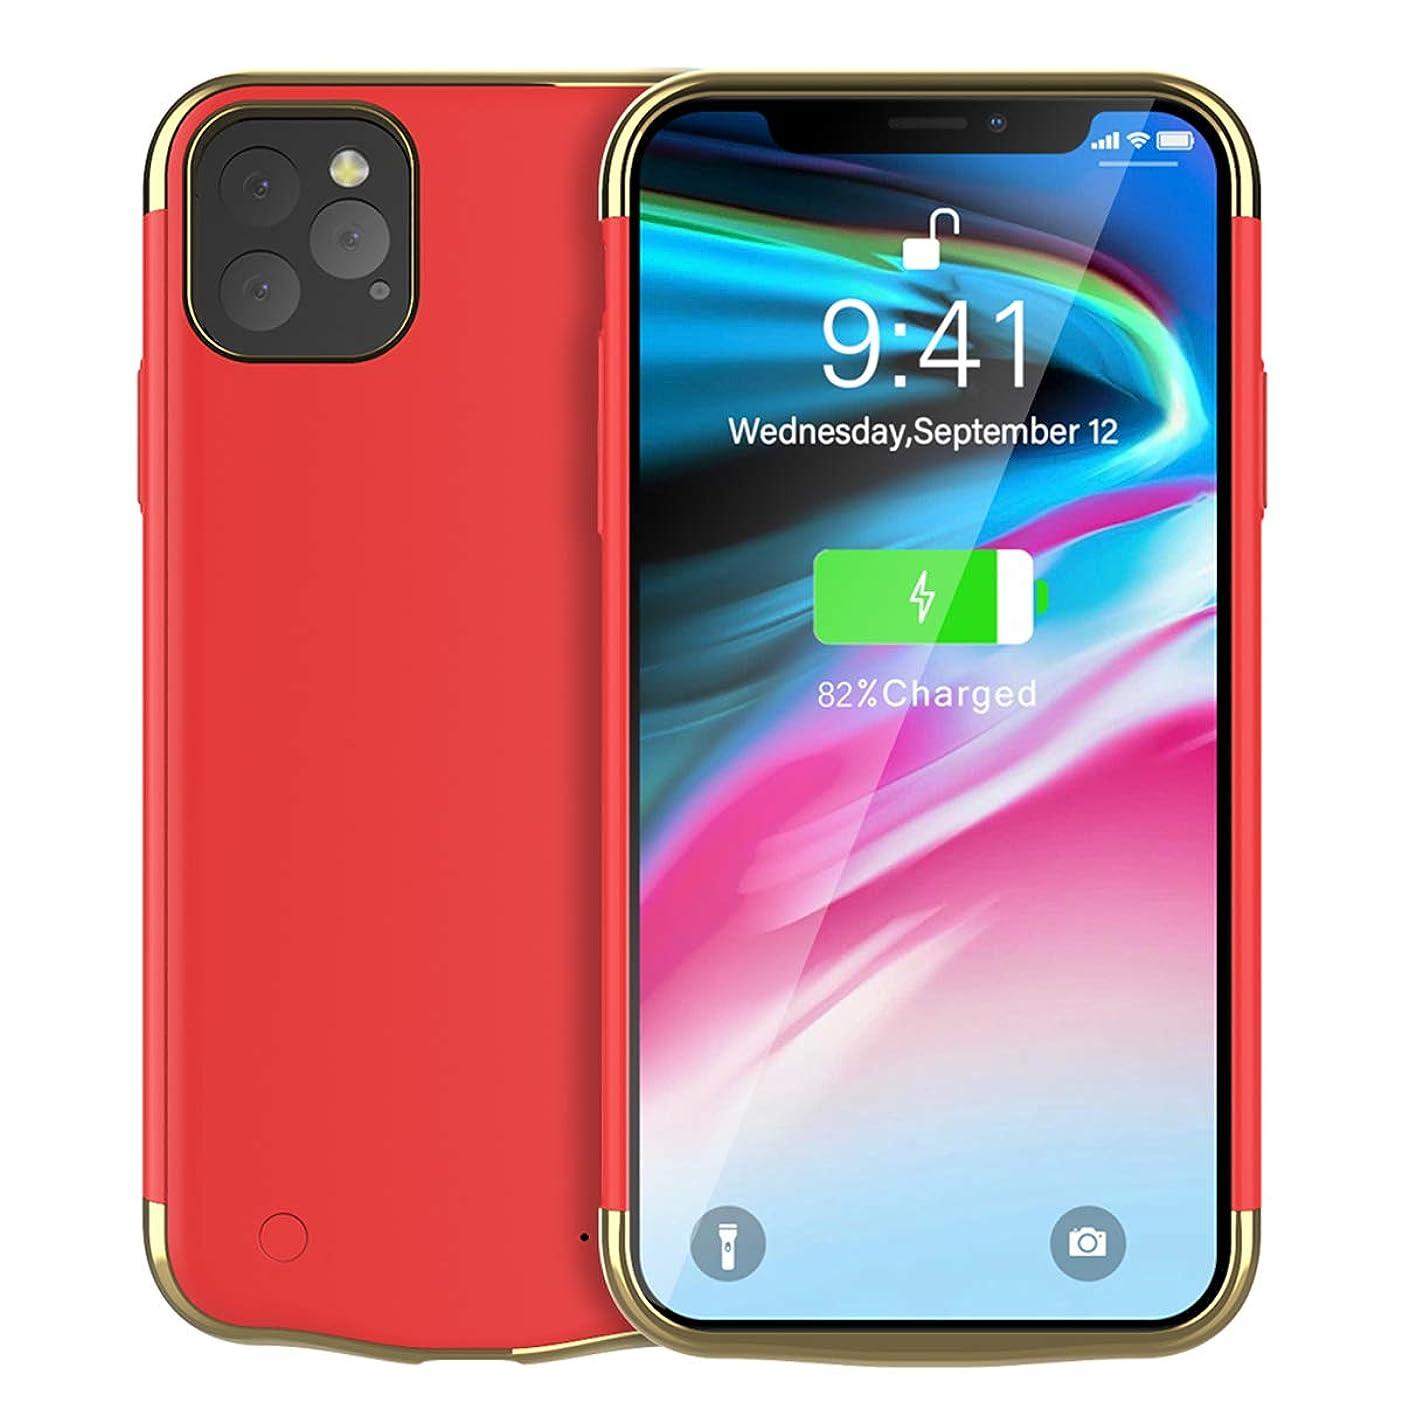 発行する生きる運命的なiPhone11 Pro Max 対応 バッテリー内蔵ケース 6000mAh バッテリーケース 充電ケース モバイルバッテリー 薄型 軽量 急速充電 大容量 battery case 6.5インチ用 (レッド)